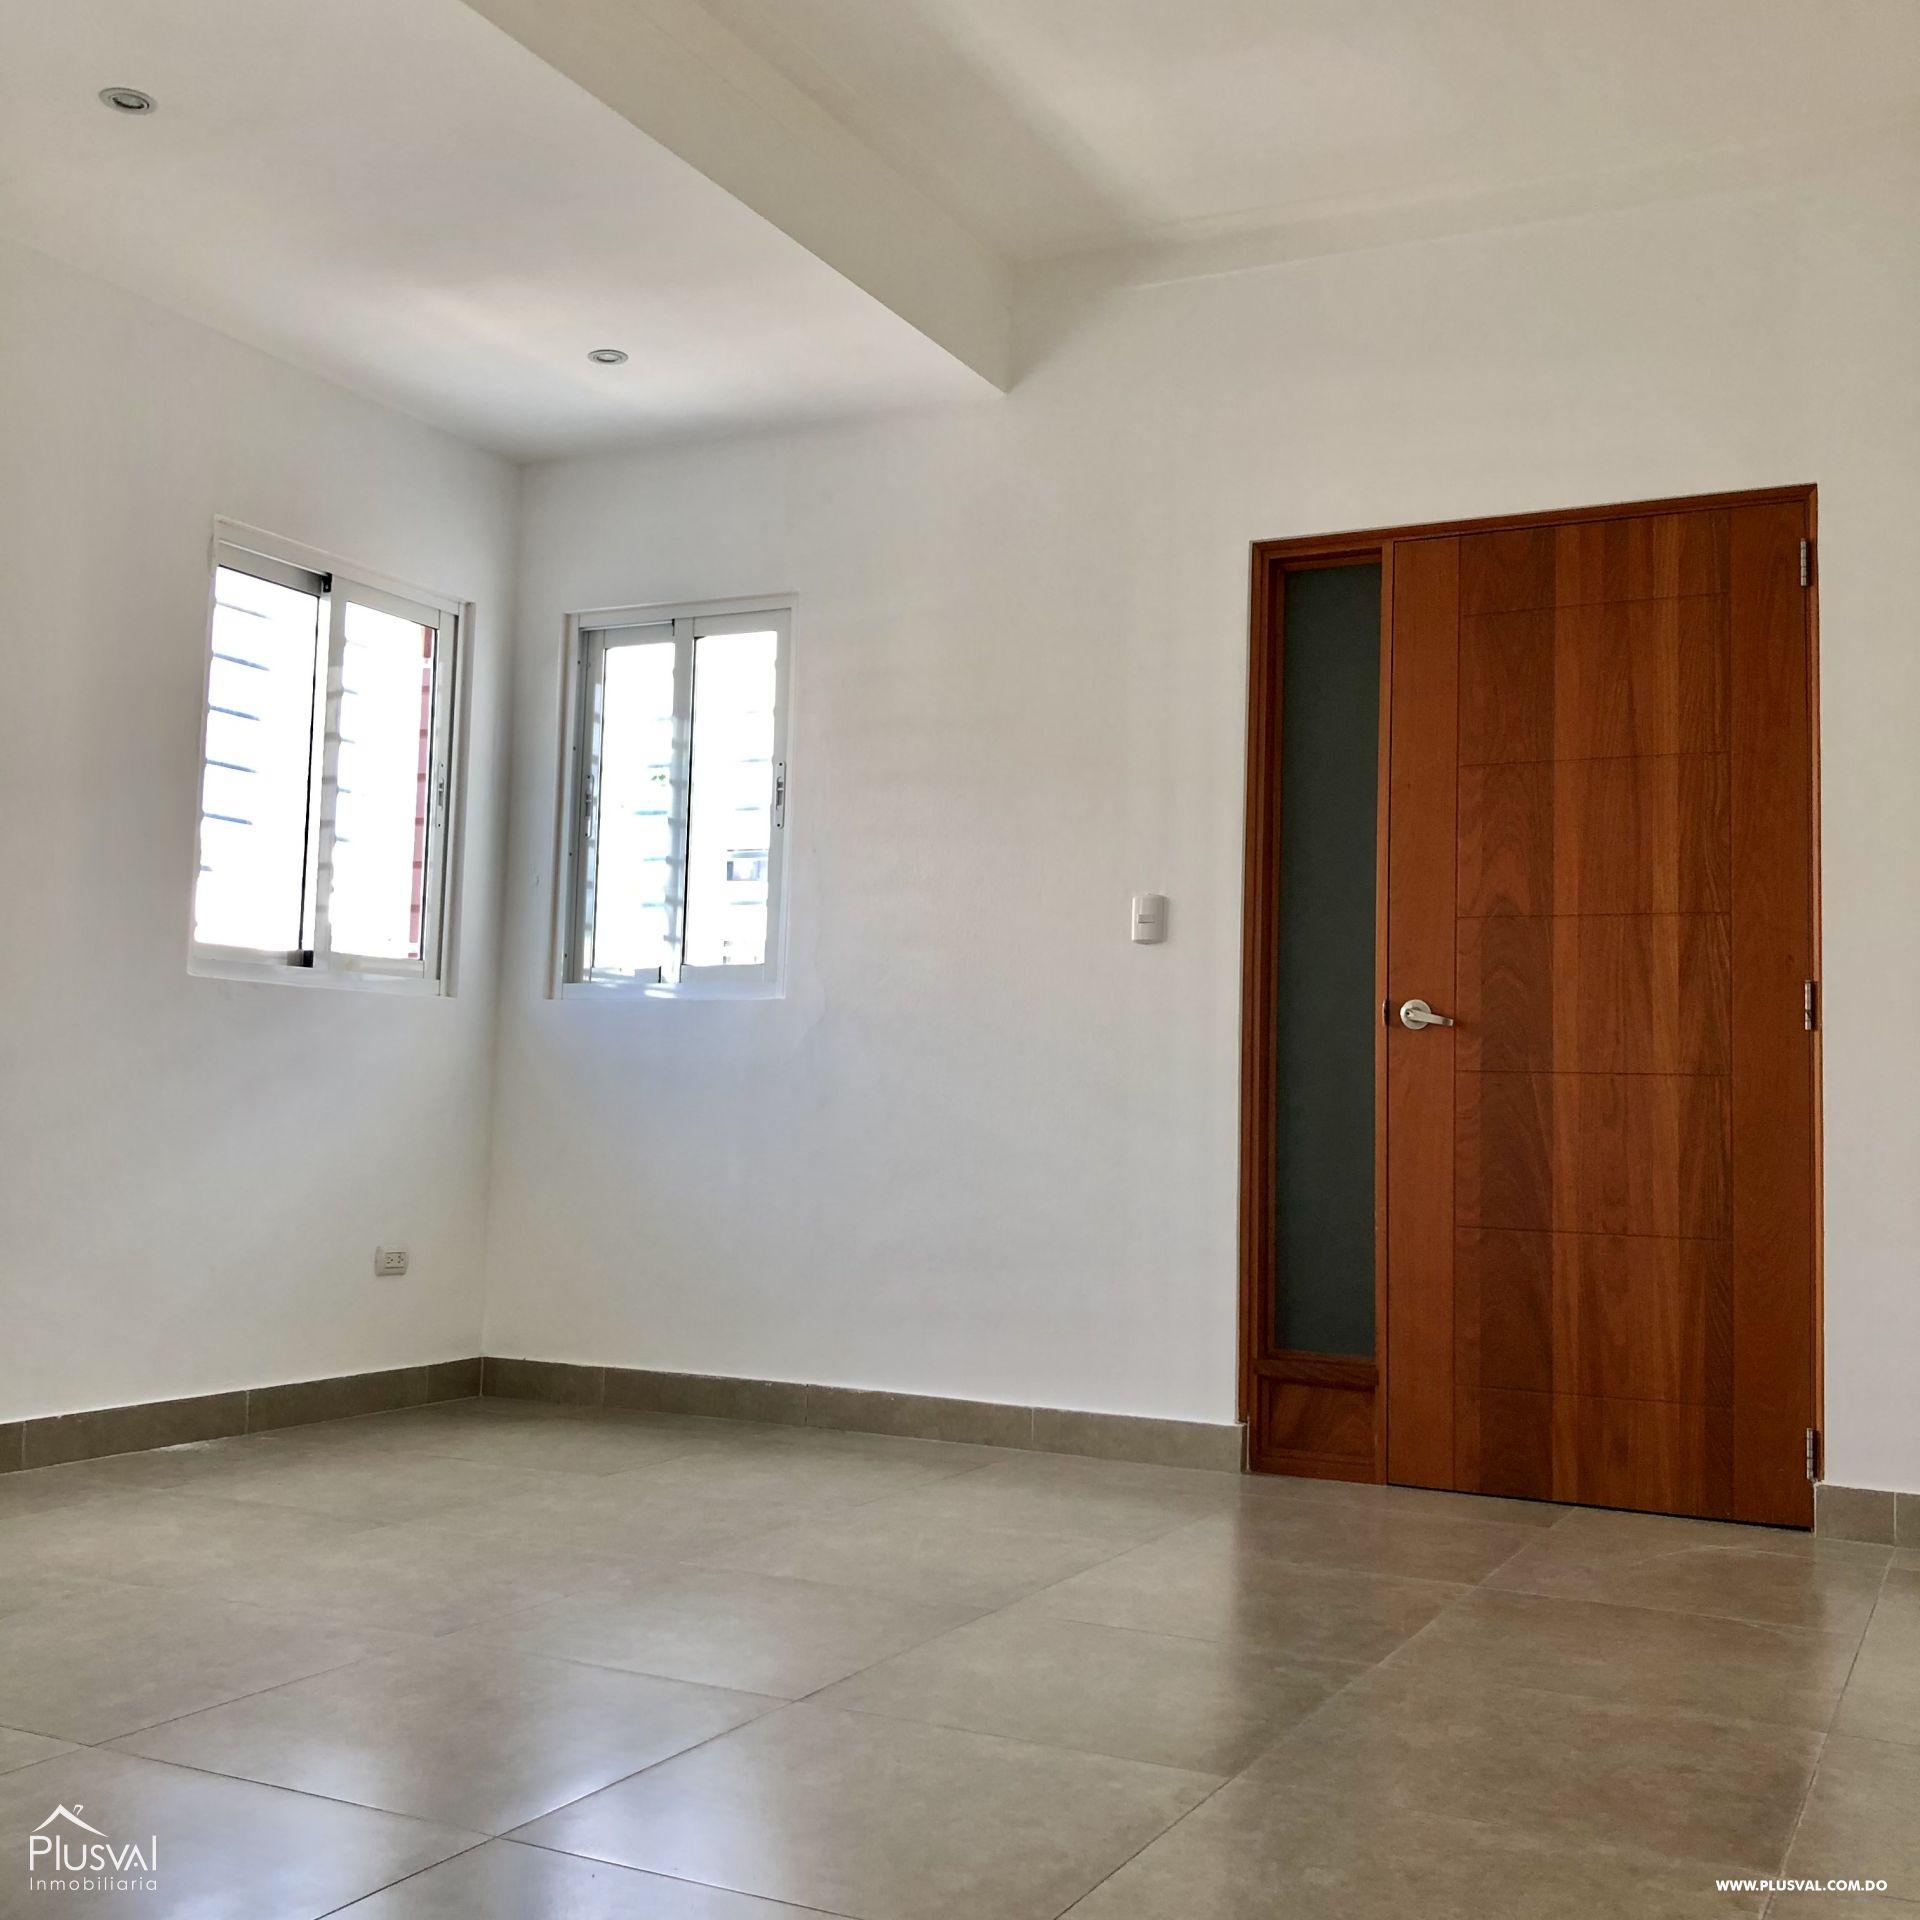 Apartamento 3 habitaciones en excelente zona en Evaristo Morales 159410